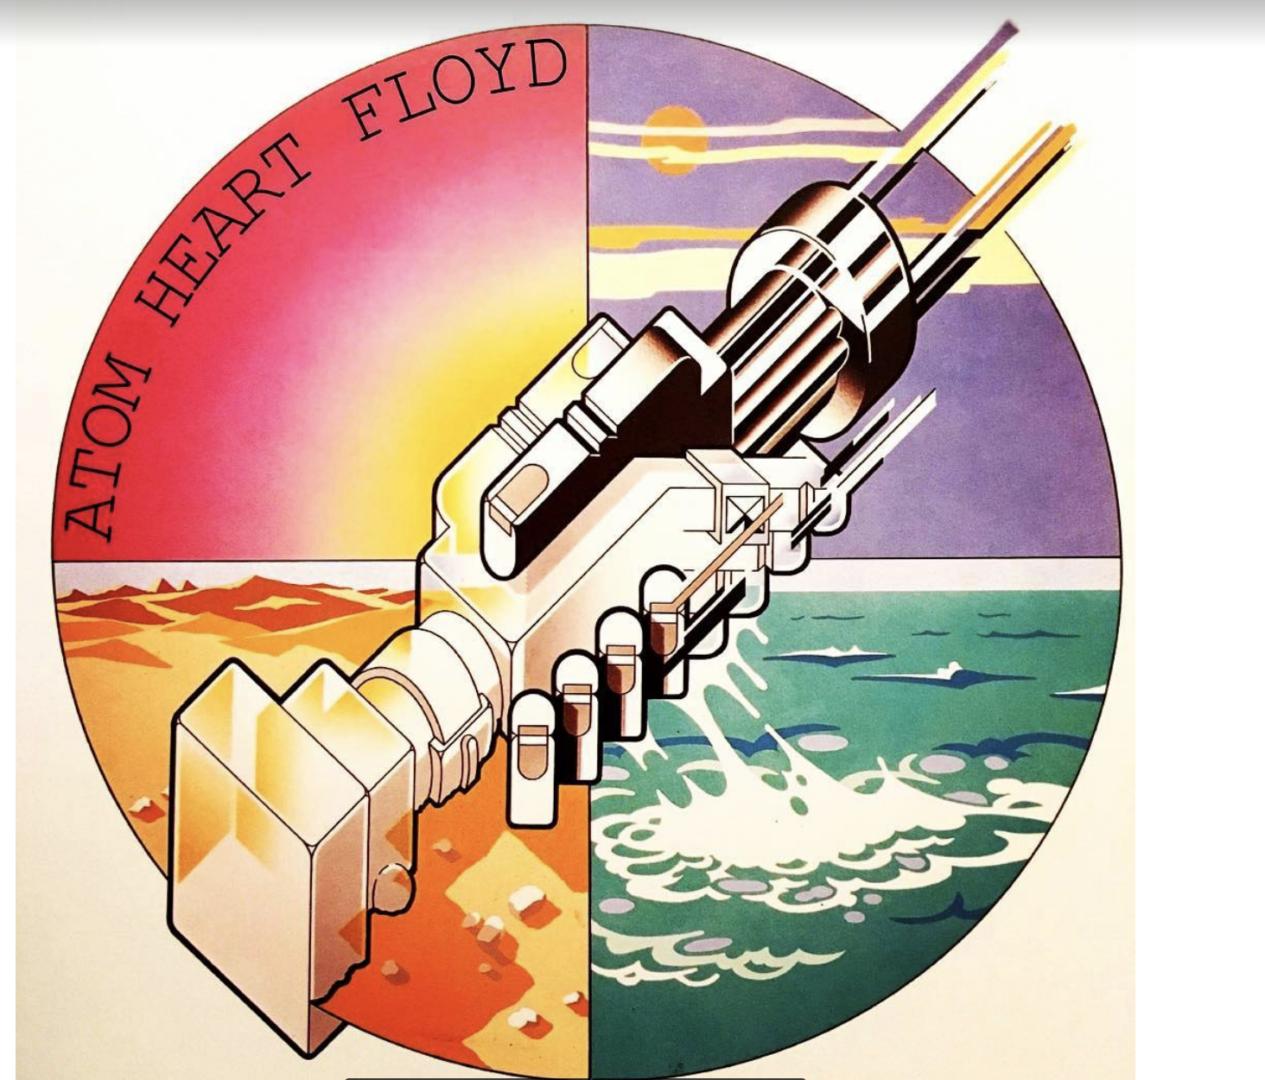 Atom Heart Floyd Come To Backstage Kinross